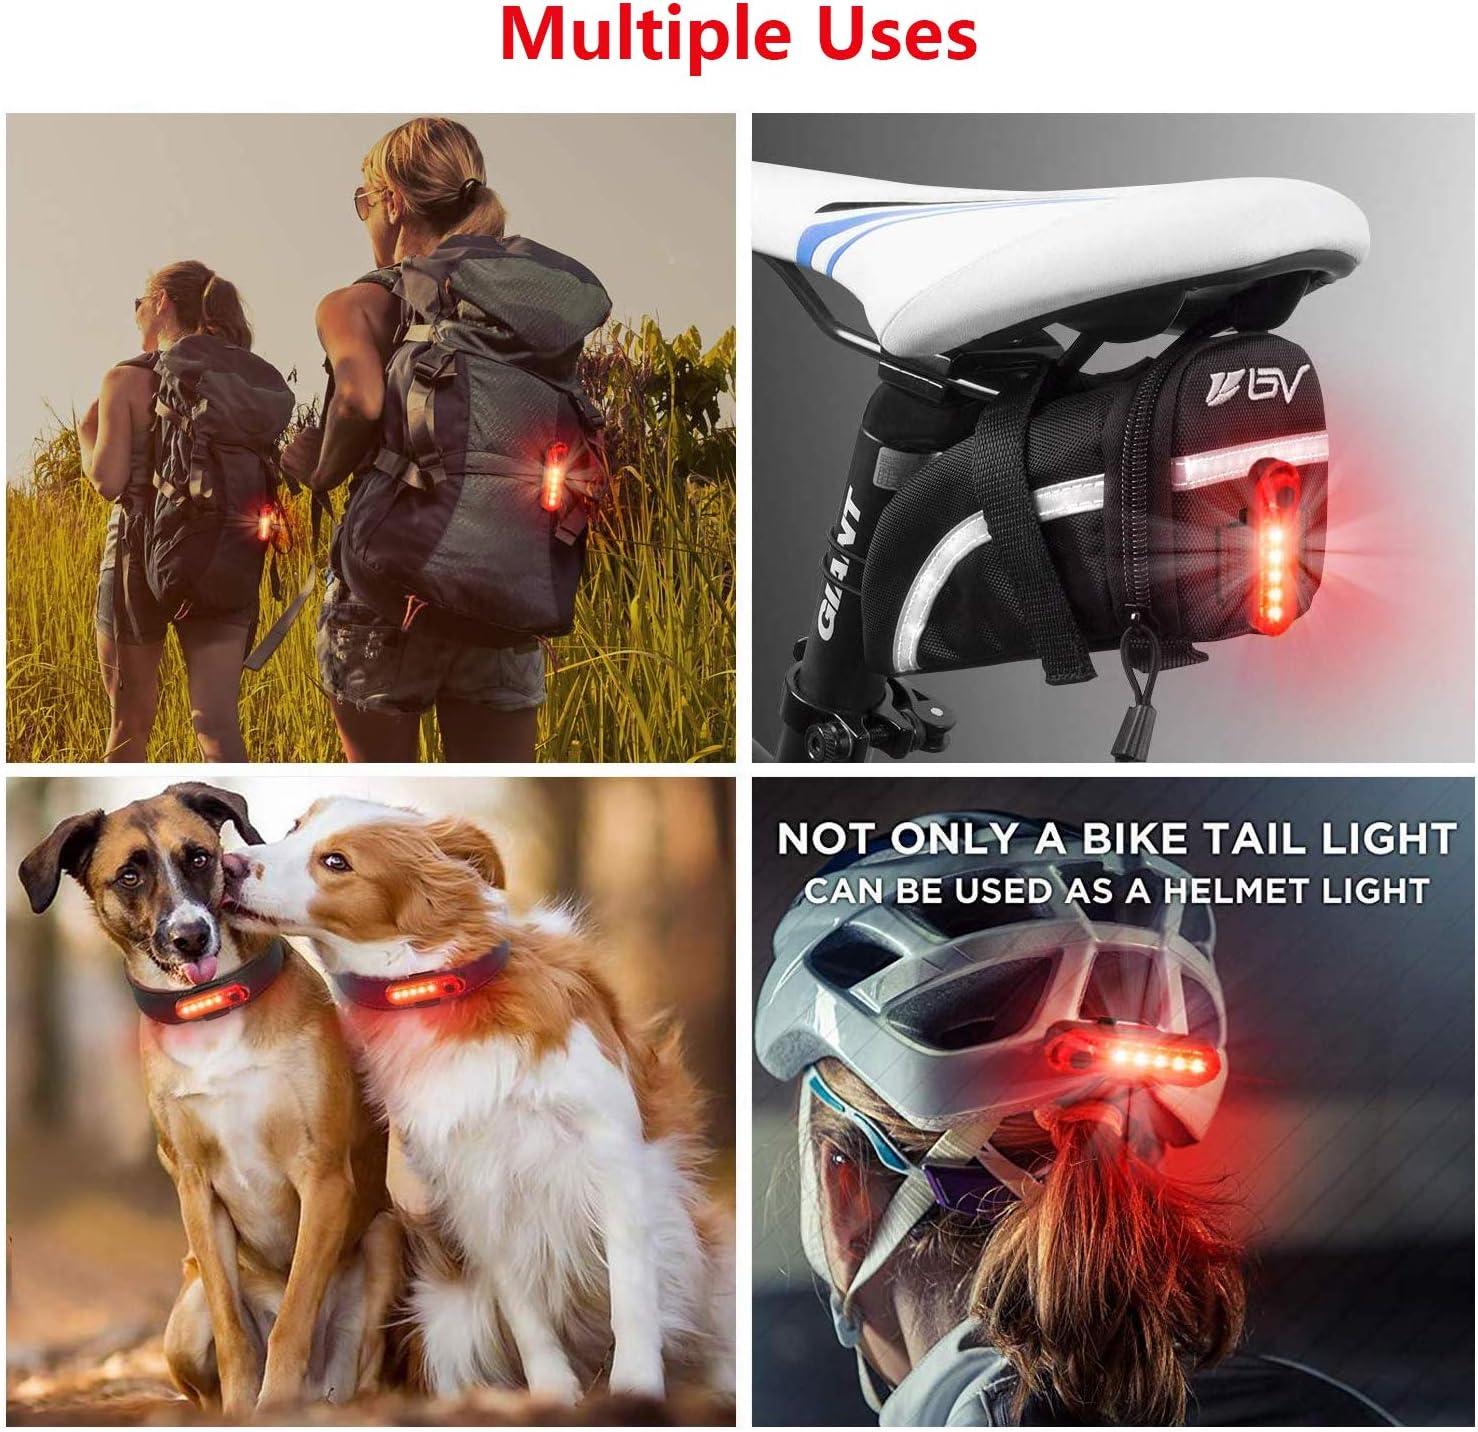 Helmet, Head//Tail lights, Lock, Phone Mount Bicycle Accessories Package Bundle